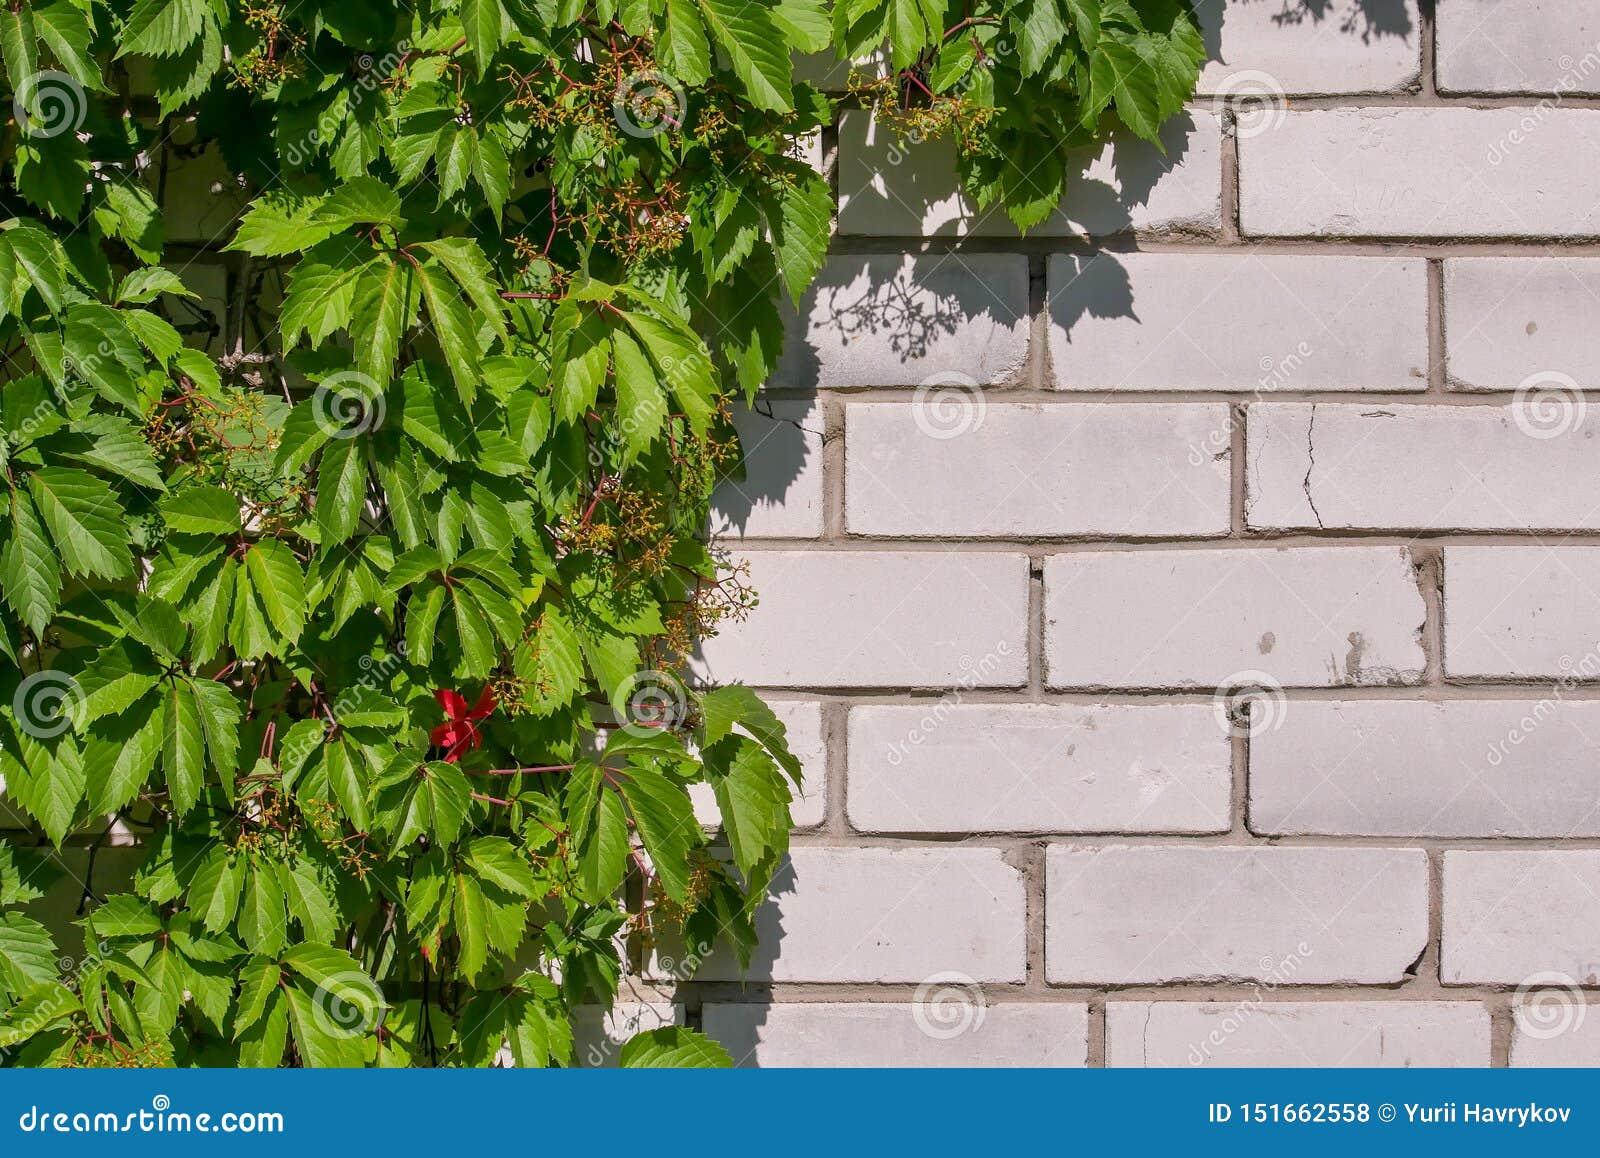 狂放的葡萄丛林在一个白色砖墙上的 绿色叶子自然本底  r